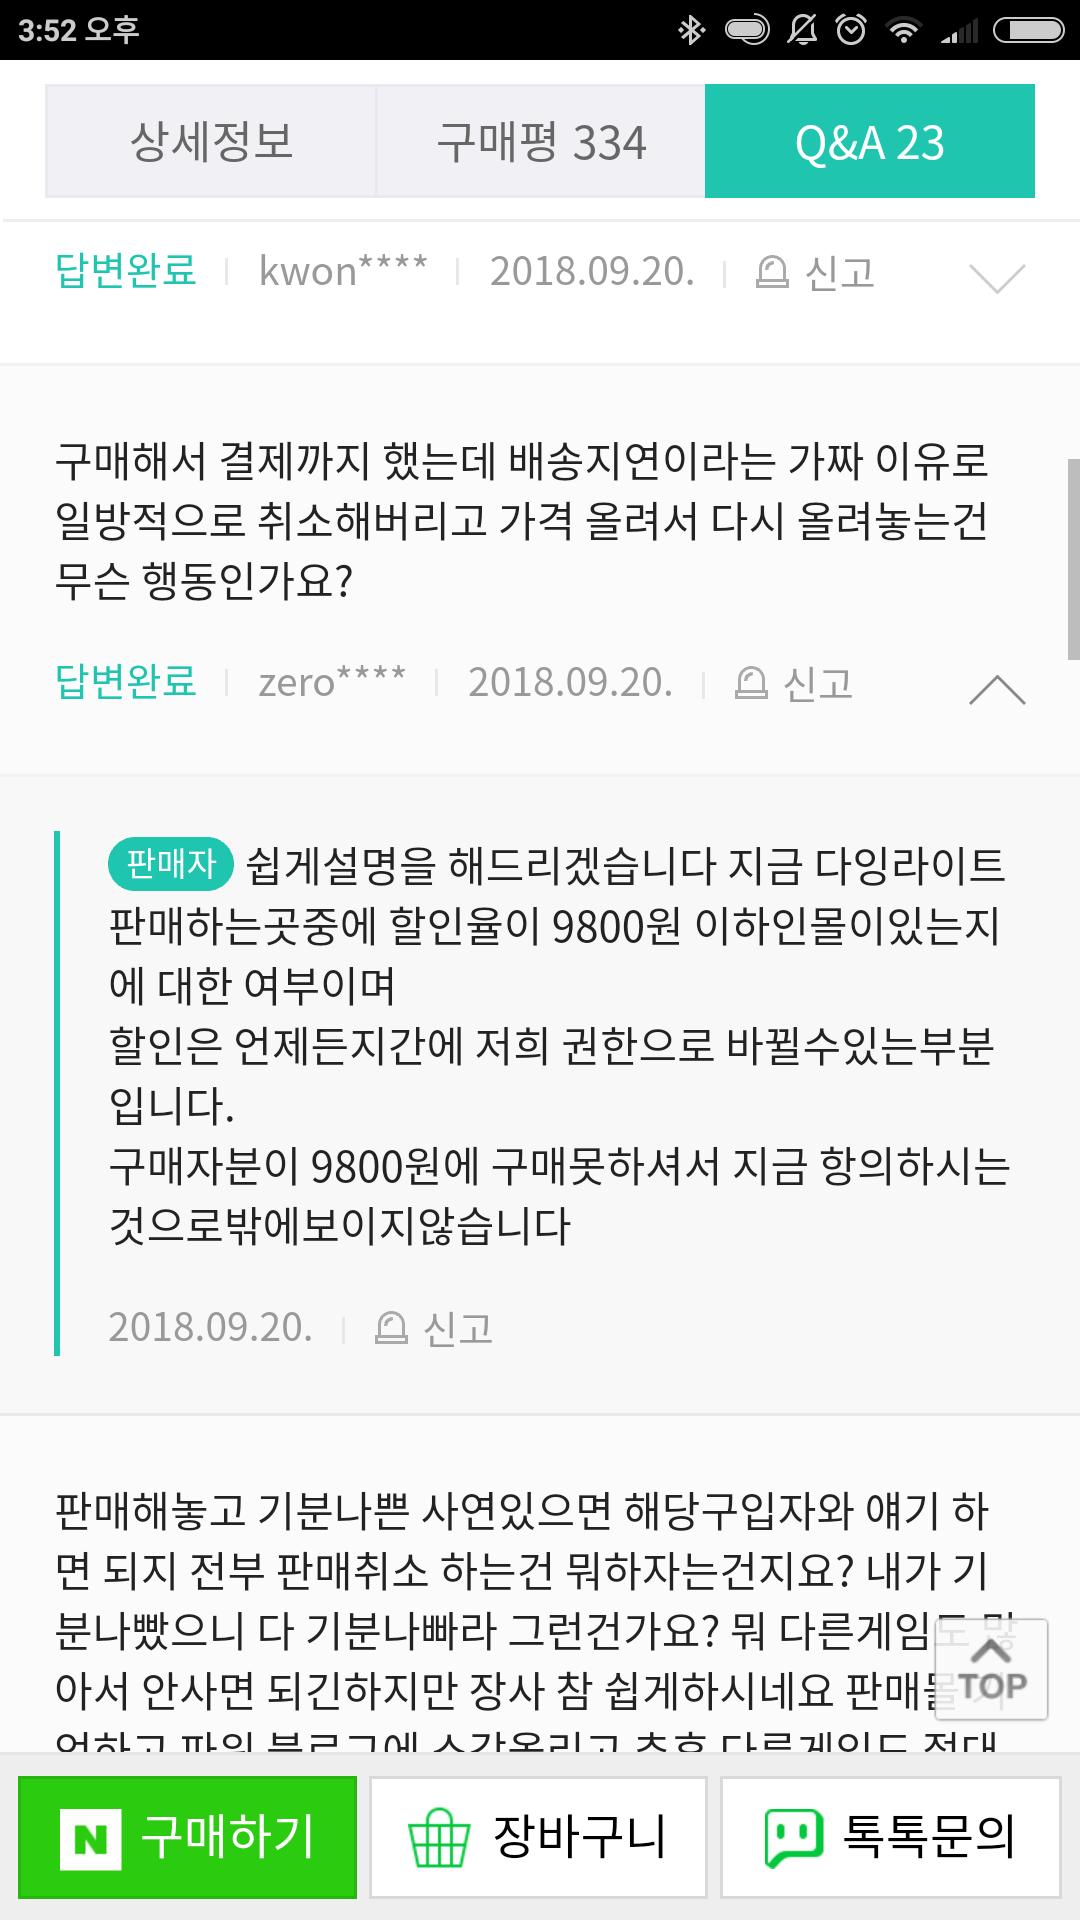 Screenshot_2018-09-20-15-52-05-330_com.android.chrome.png